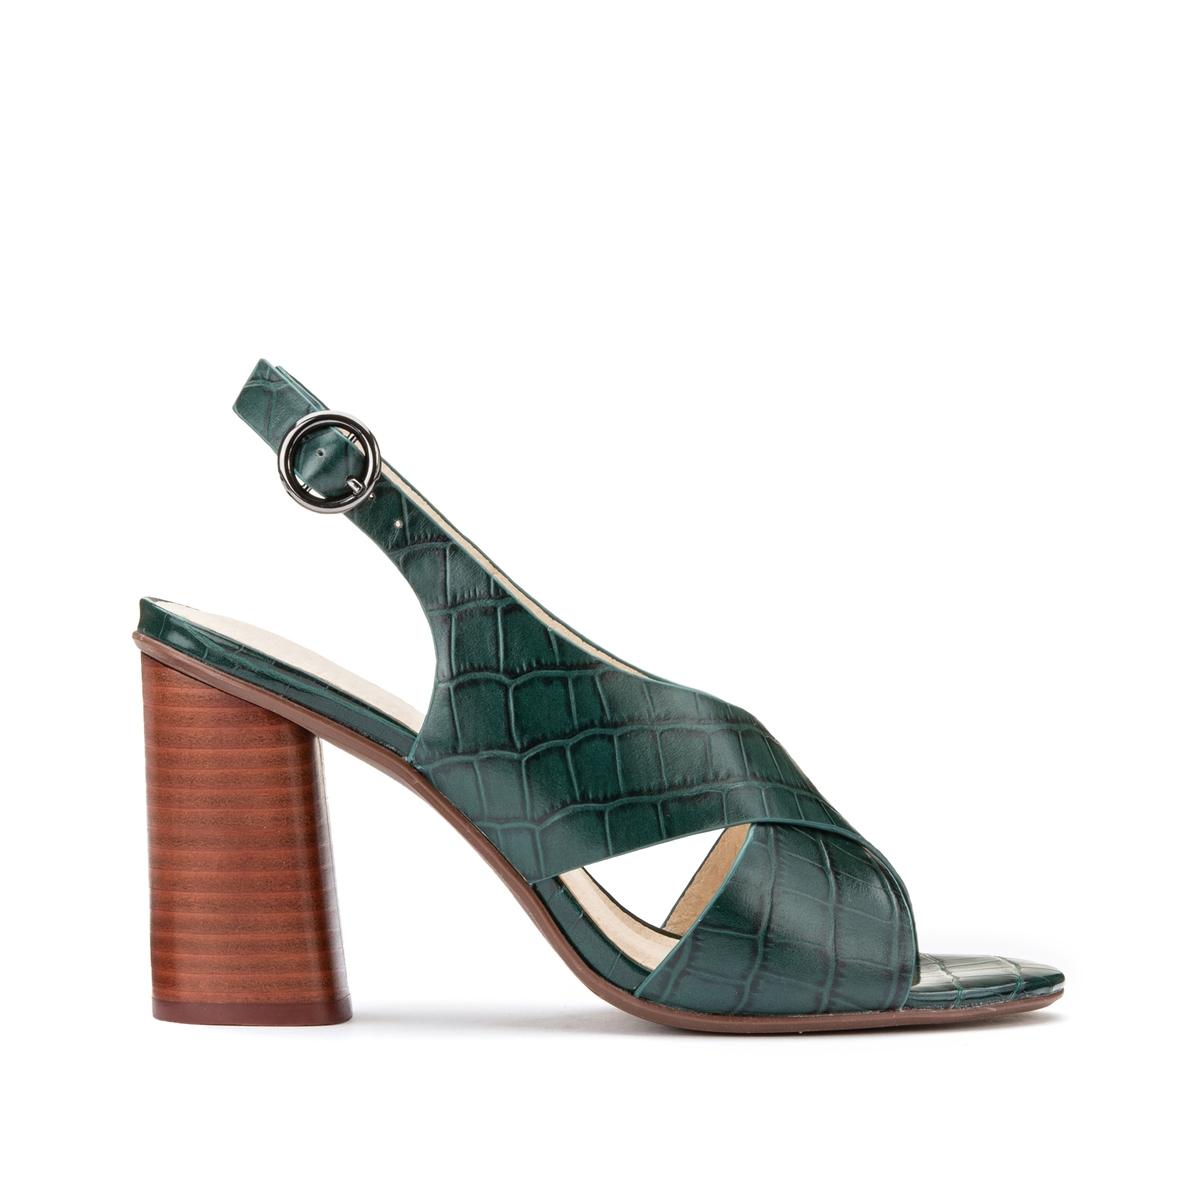 Sandalias de piel fantasía